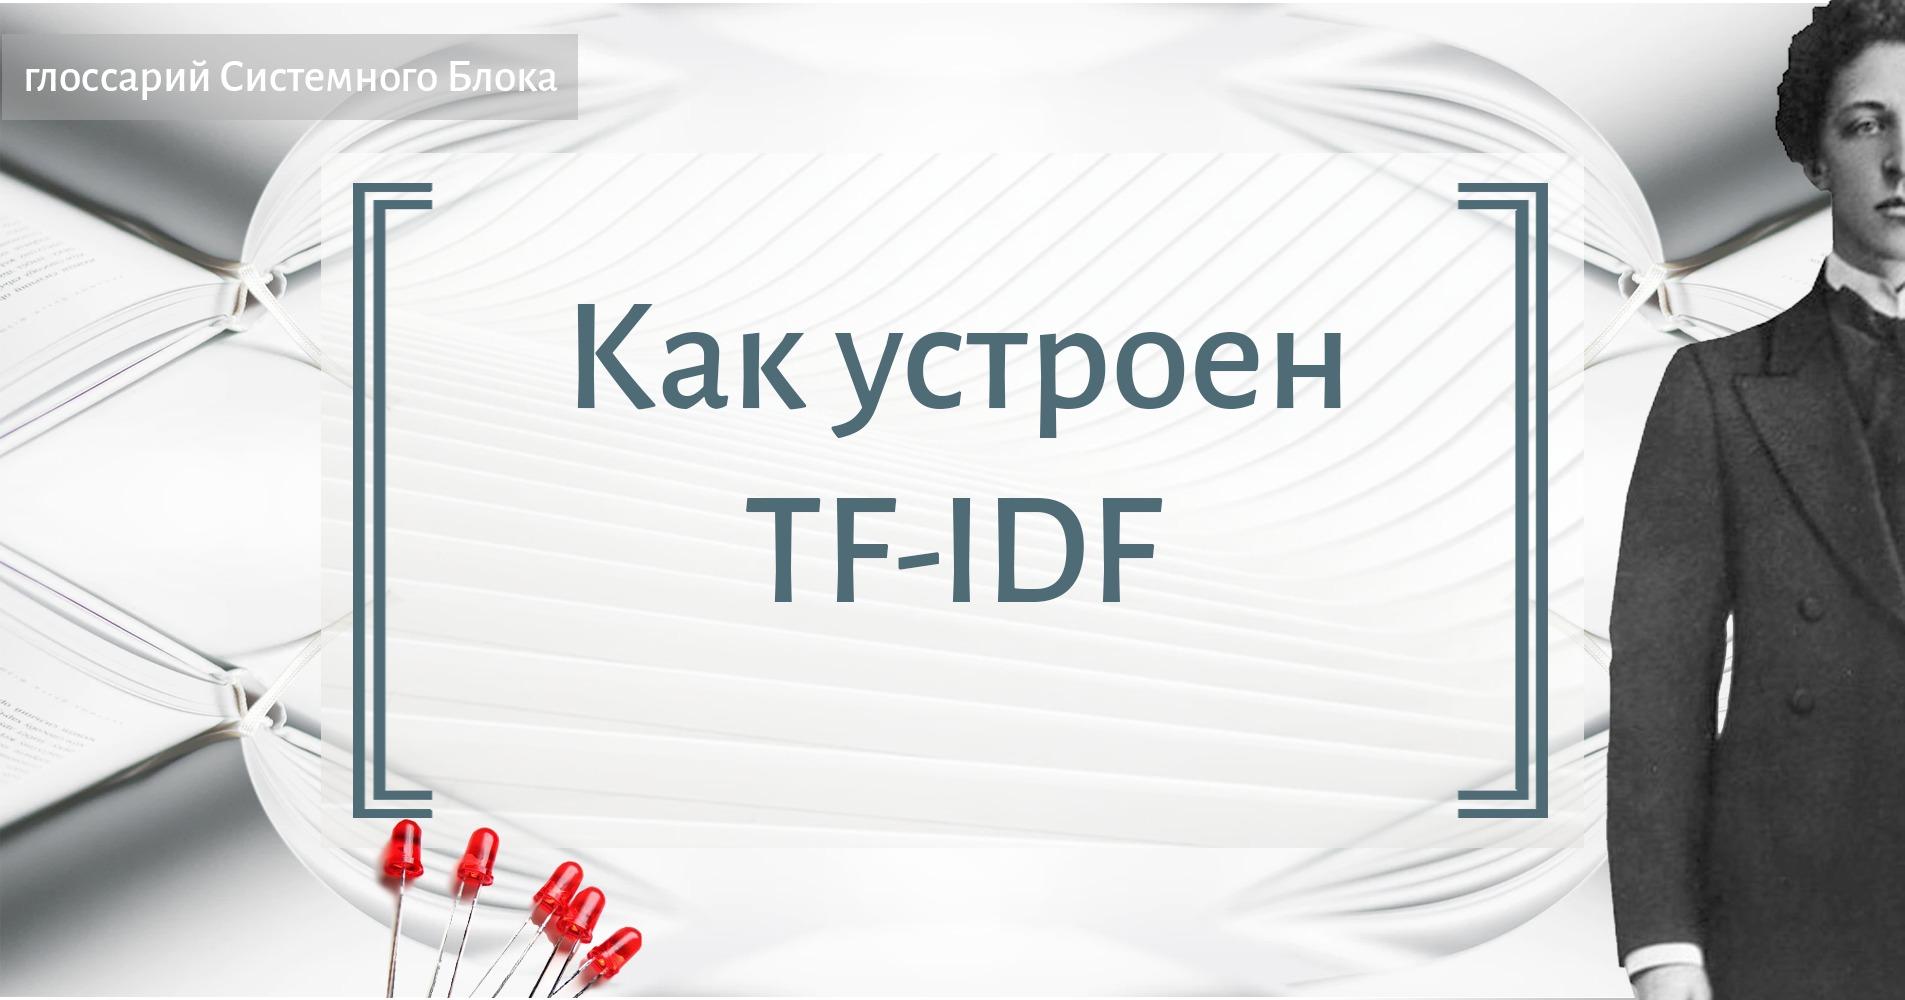 Как вычислить TF-IDF?